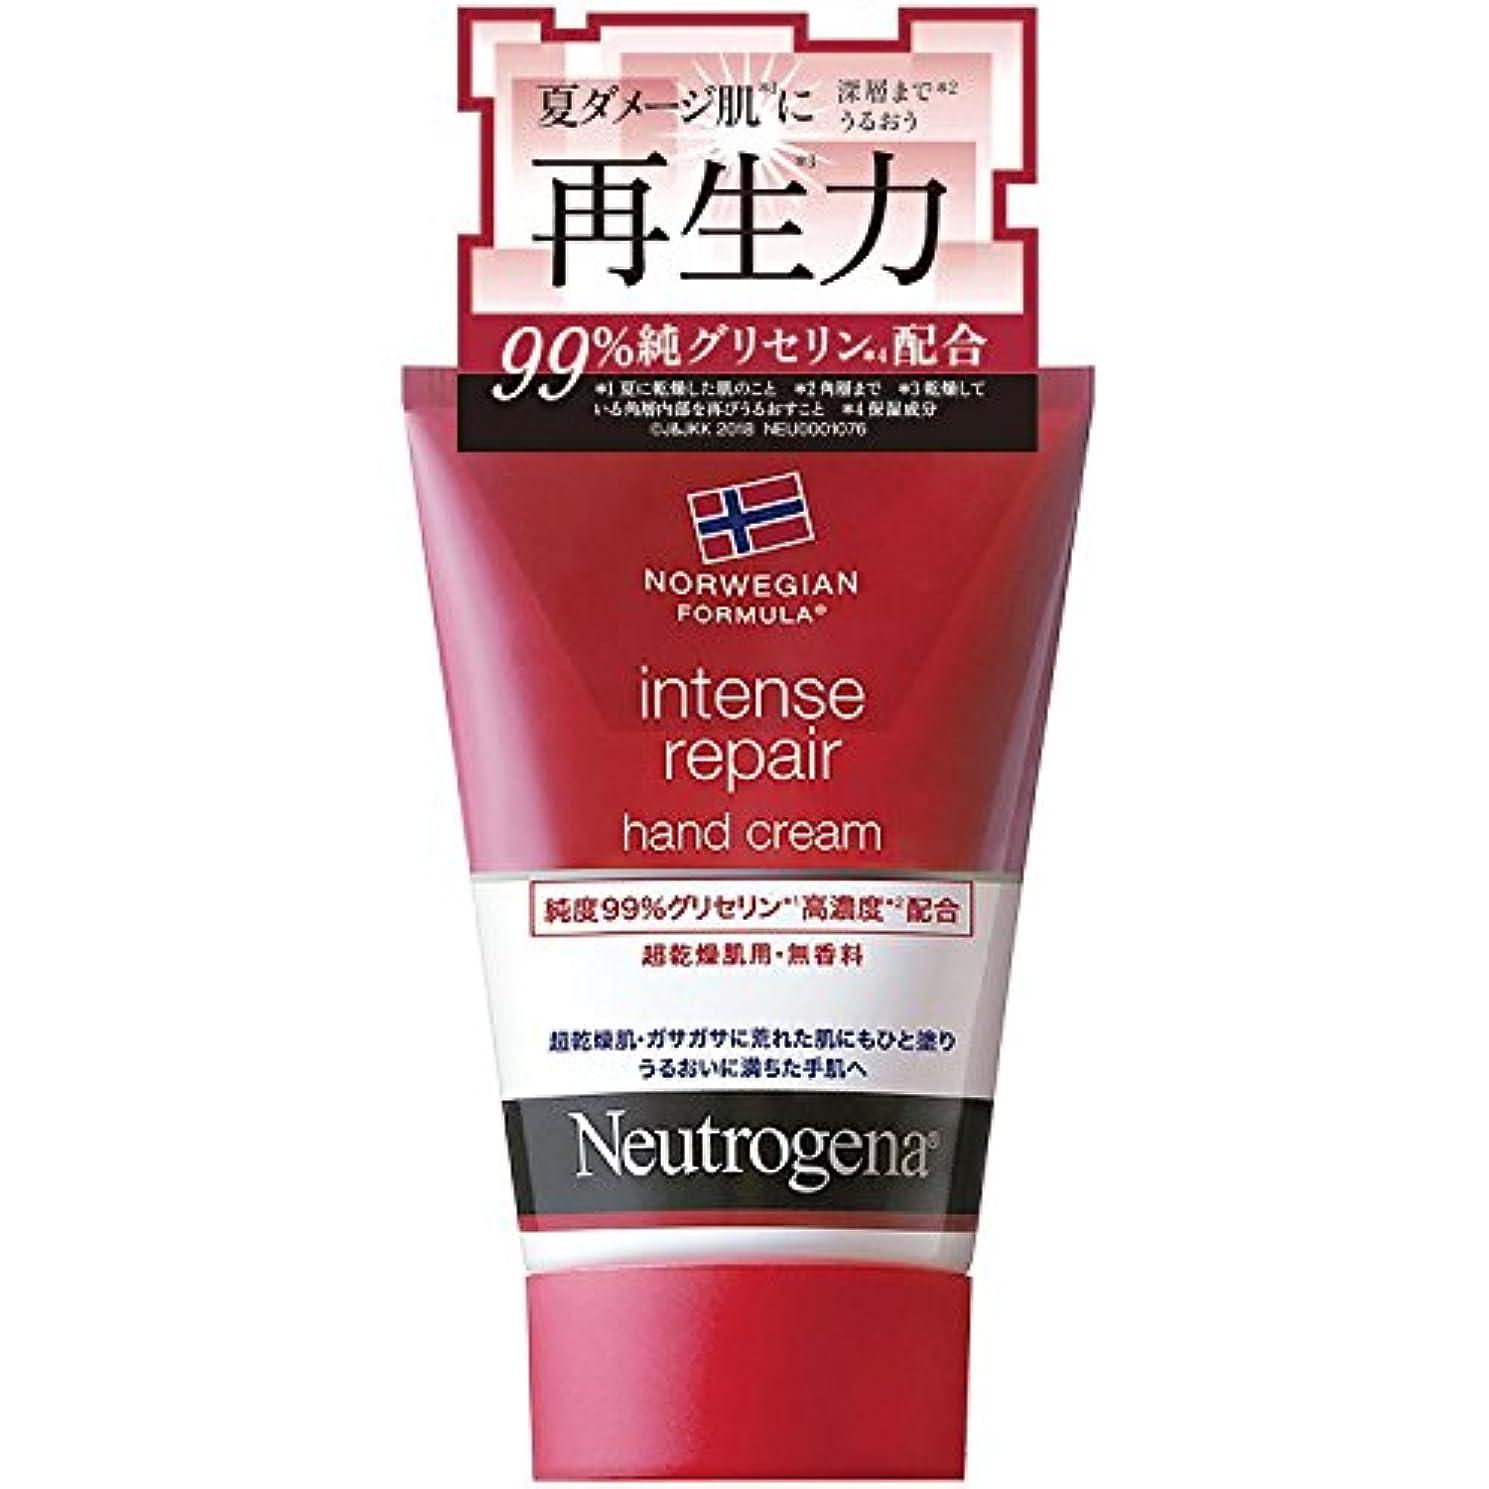 有効化円形こどもセンターNeutrogena(ニュートロジーナ) ノルウェーフォーミュラ インテンスリペア ハンドクリーム 超乾燥肌用 無香料 単品 50g